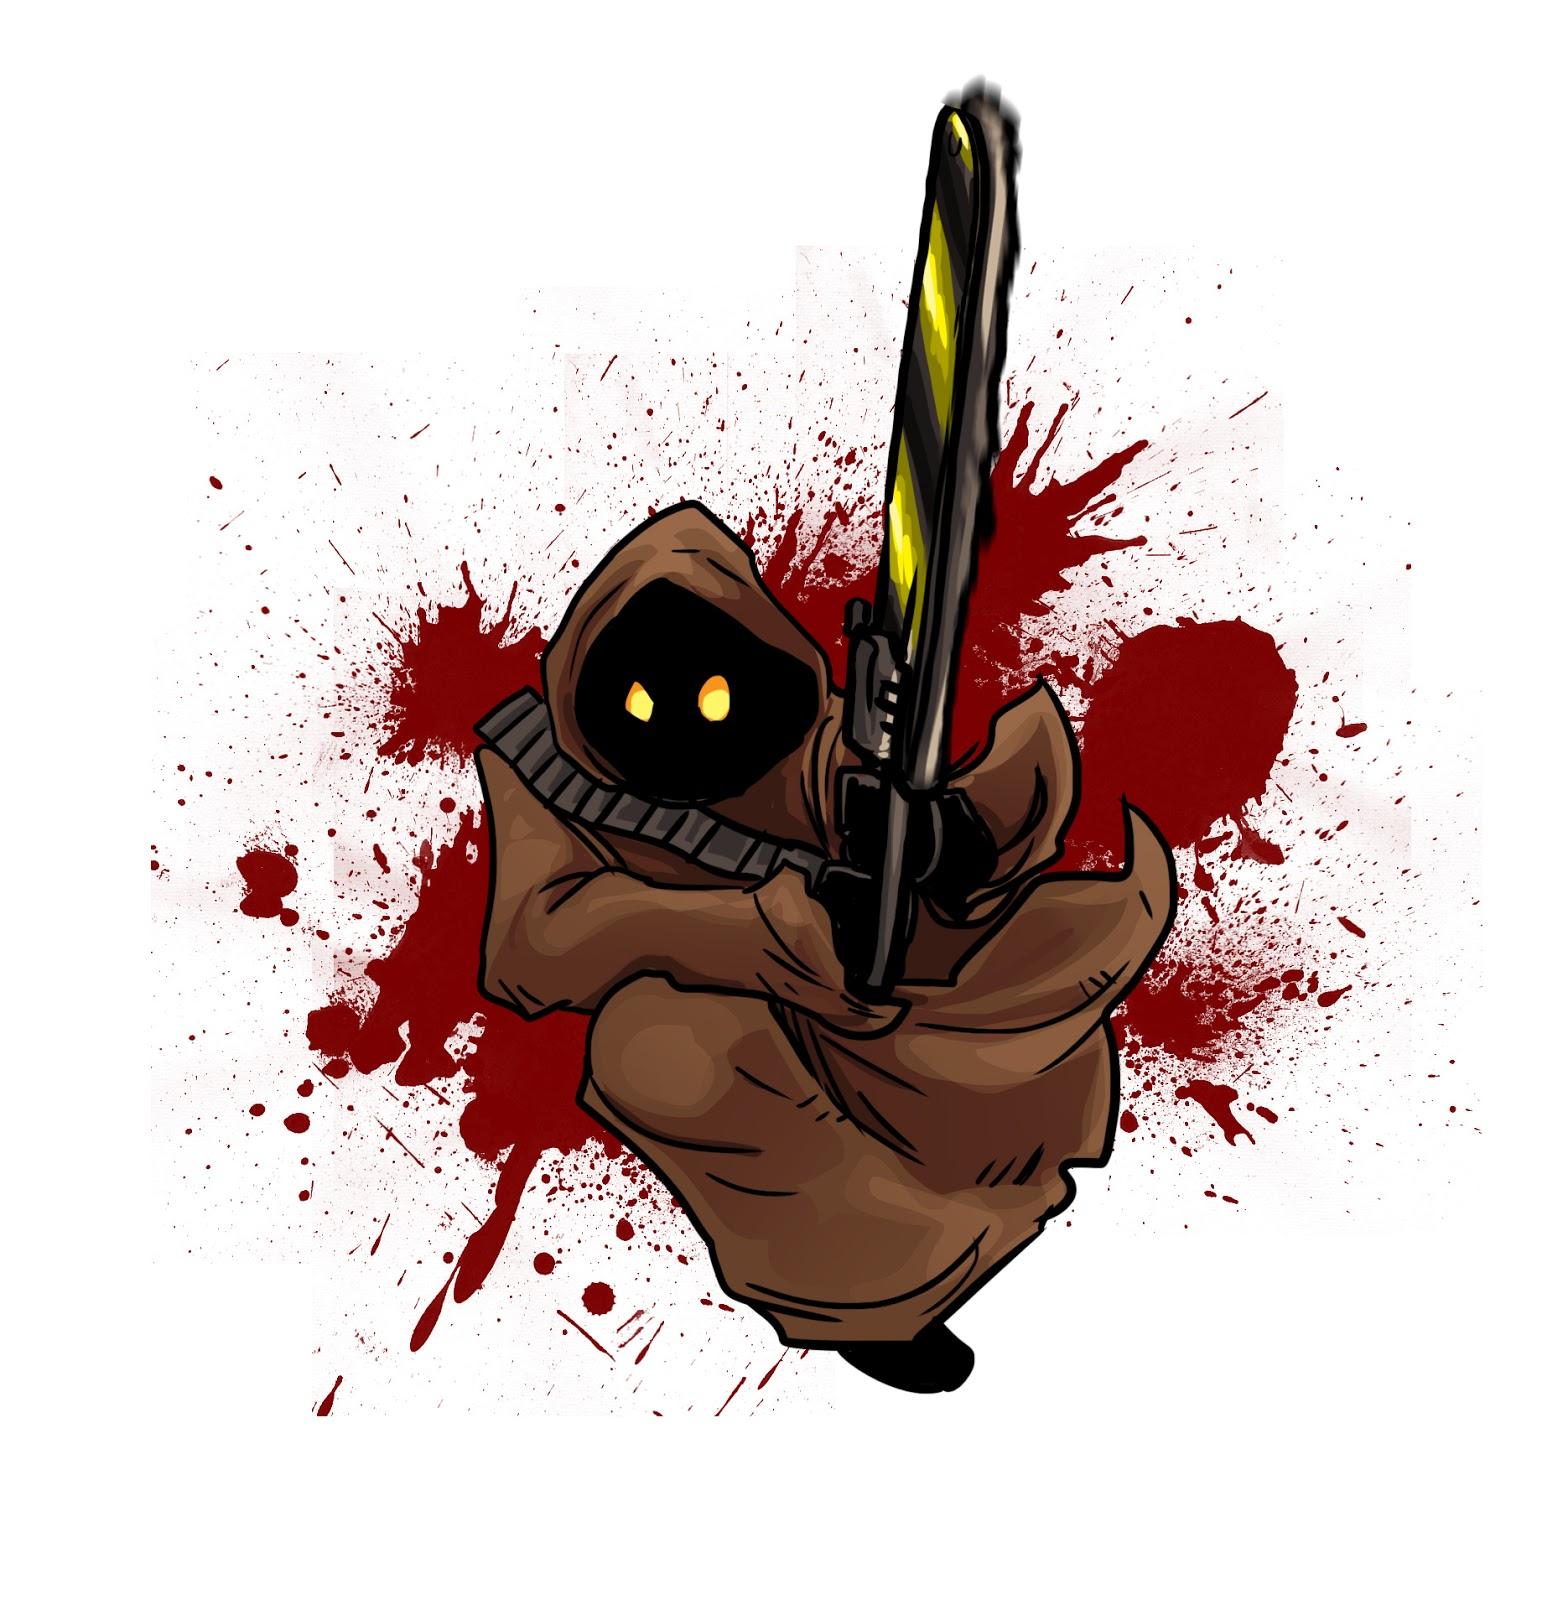 http://1.bp.blogspot.com/-40Lpea9nY-w/UQsQw8ufpMI/AAAAAAAAEkI/ZDS6Uo_lUWc/s1600/jawa+chainsword+blood.jpg